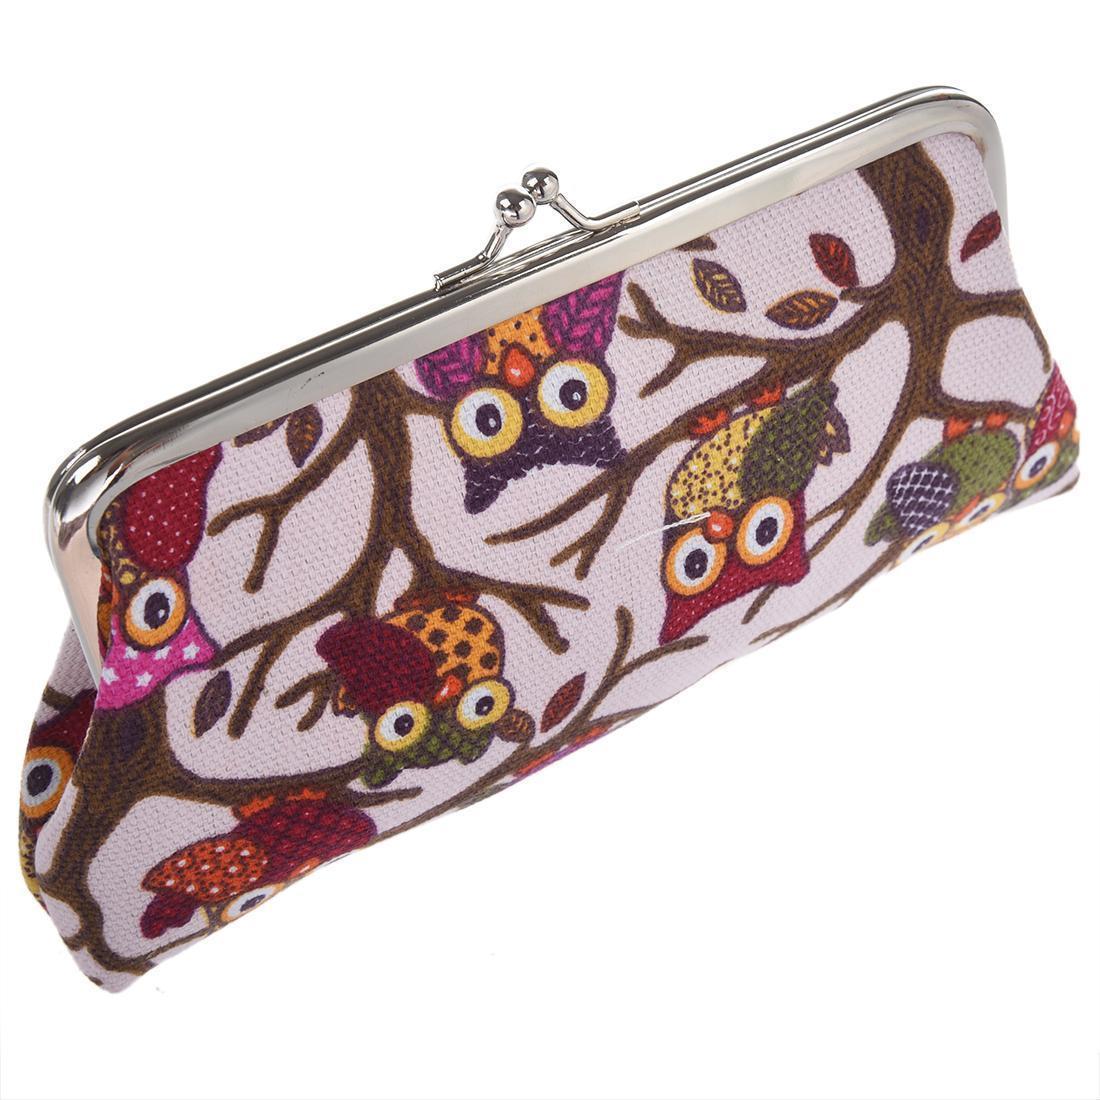 7d18ac52d Compre Moeda De Desenhos Animados Bolsa De Dinheiro Saco Carteira Coruja  Padrão Rosa De Derrick87, $37.32 | Pt.Dhgate.Com